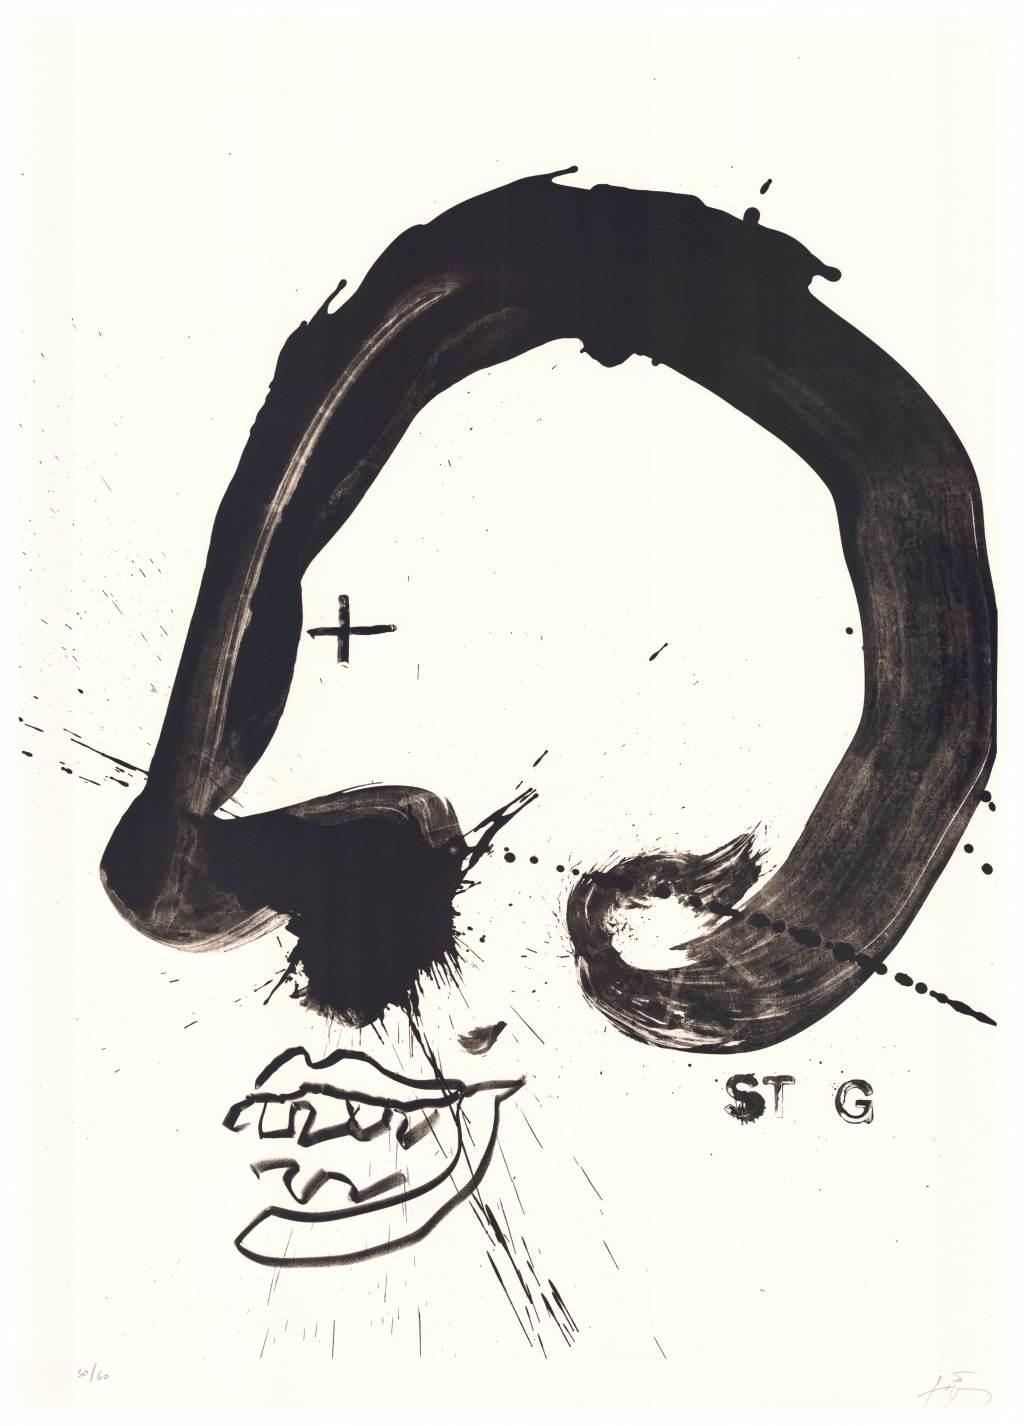 Antonie Tàpies   Improvisations en blanc i negre V . 1987 Lithographie . Auflage 60 . 105 x 75 cm  2.800 Euro